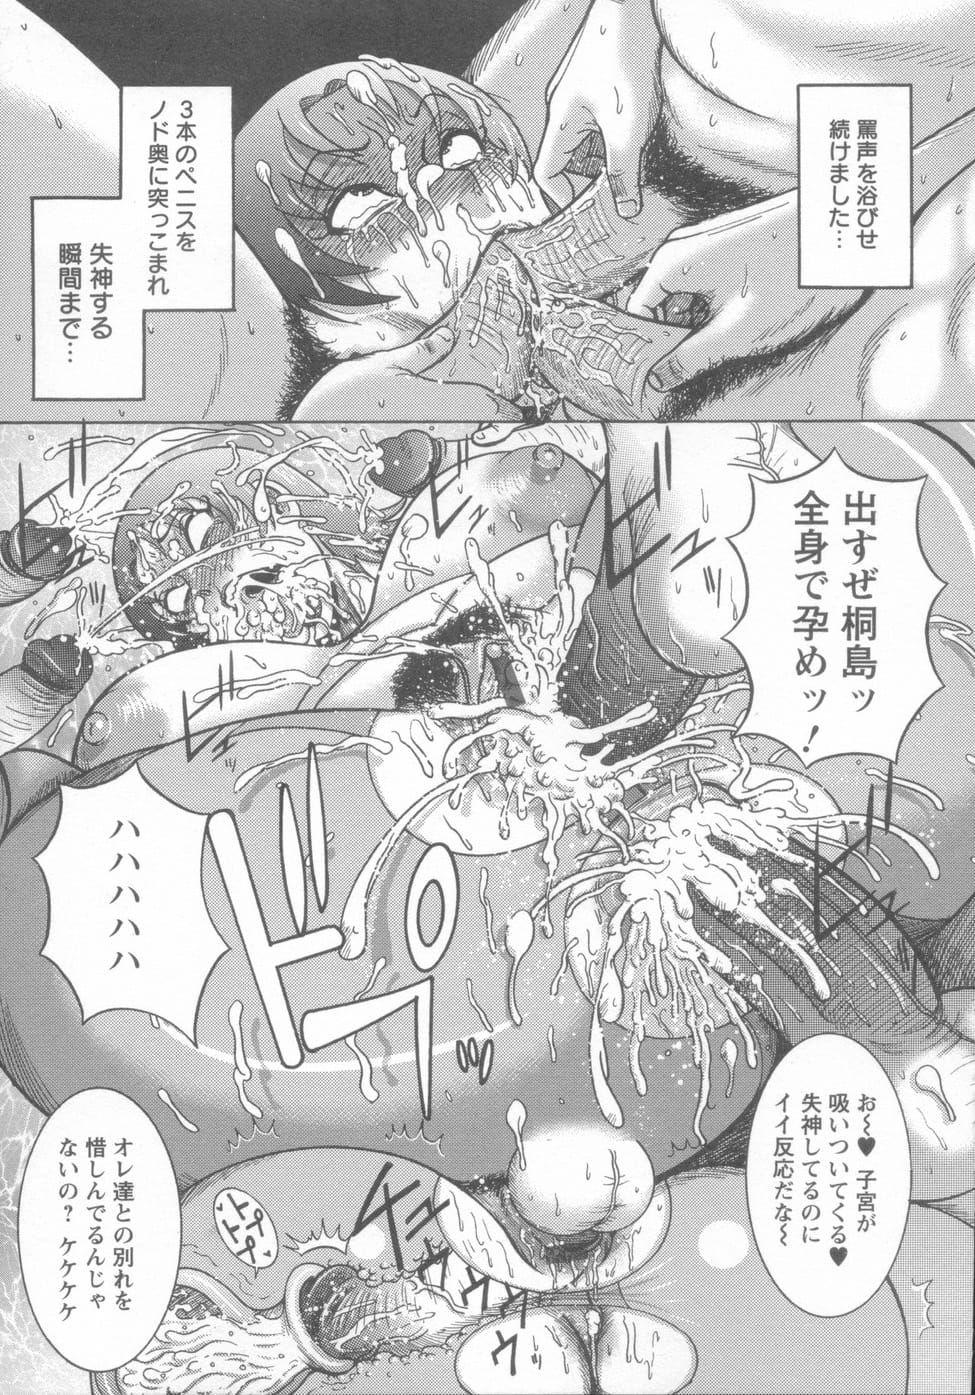 【エロ同人・エロ漫画】美人だが性格のキツい女子アナが恨みを持つスタッフたちに輪姦されるwww